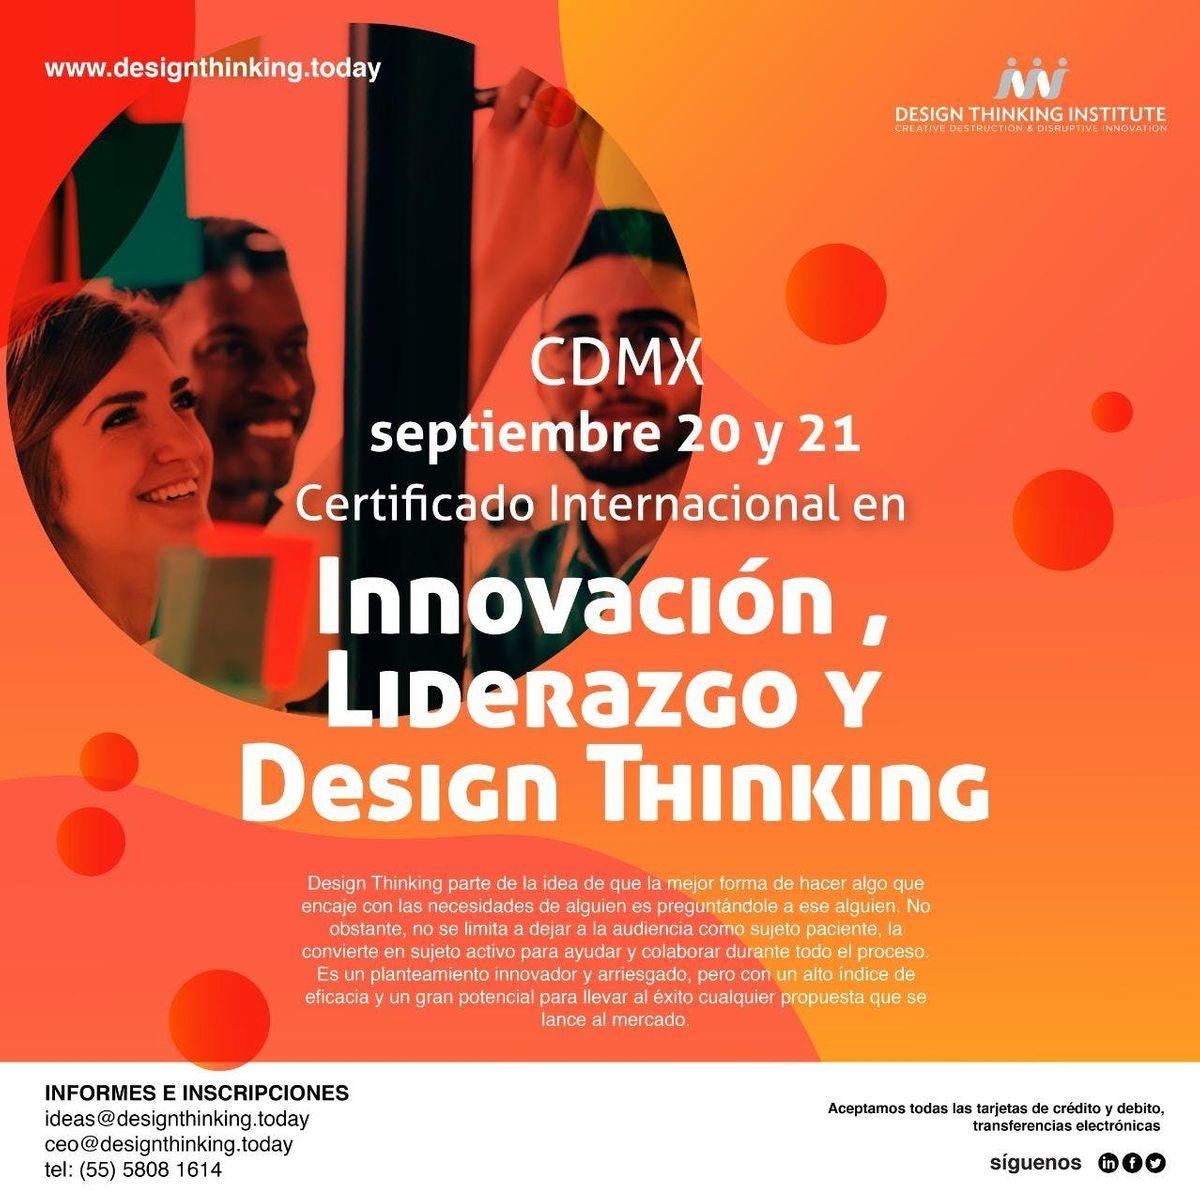 Certificado en Innovacin Liderazgo y Design Thinking